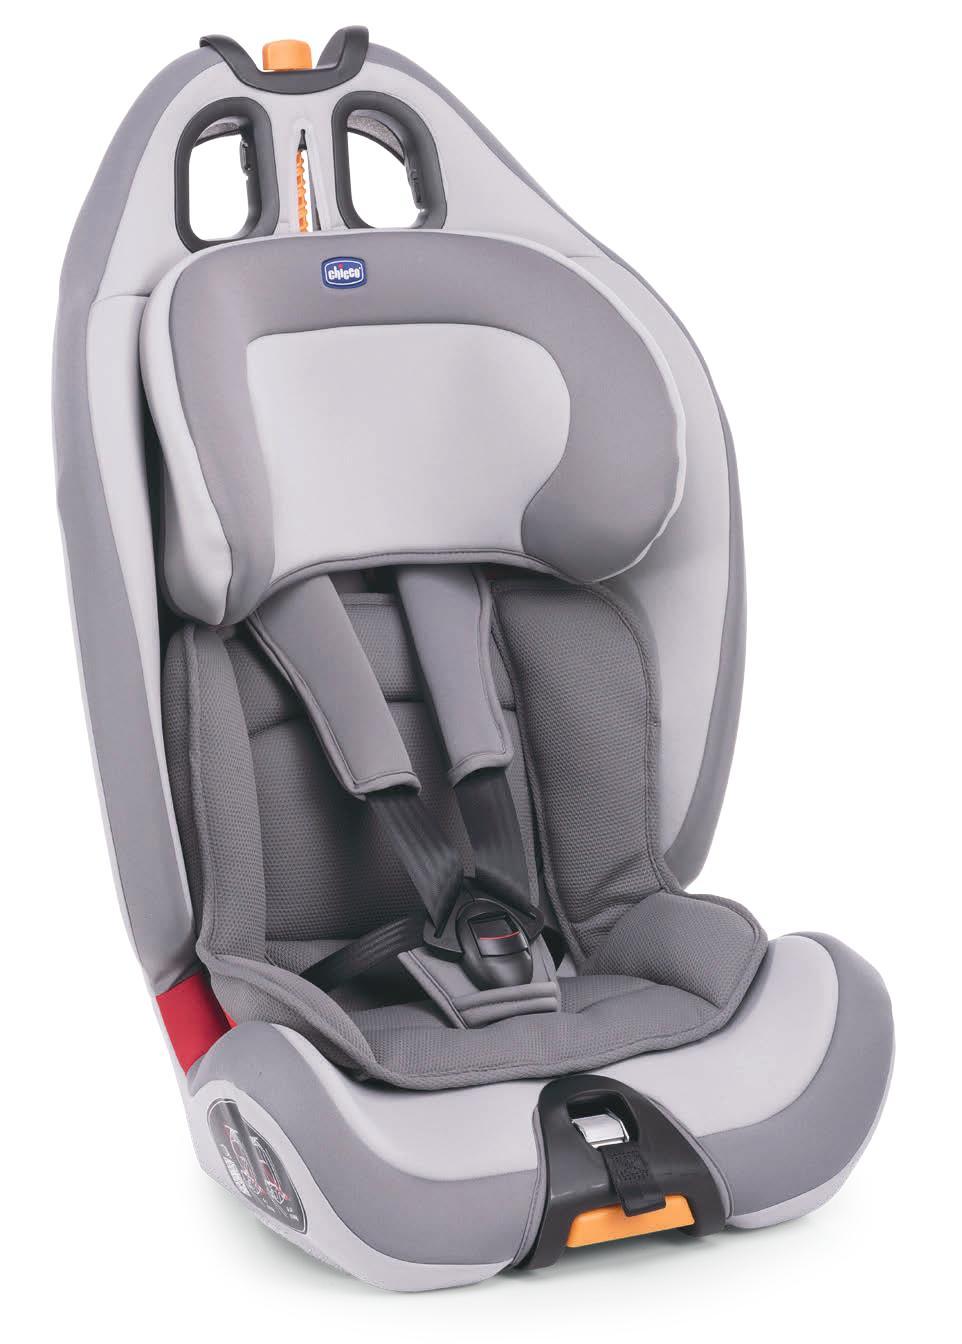 Cadeira Auto Gro up 123 Elegance - Chicco